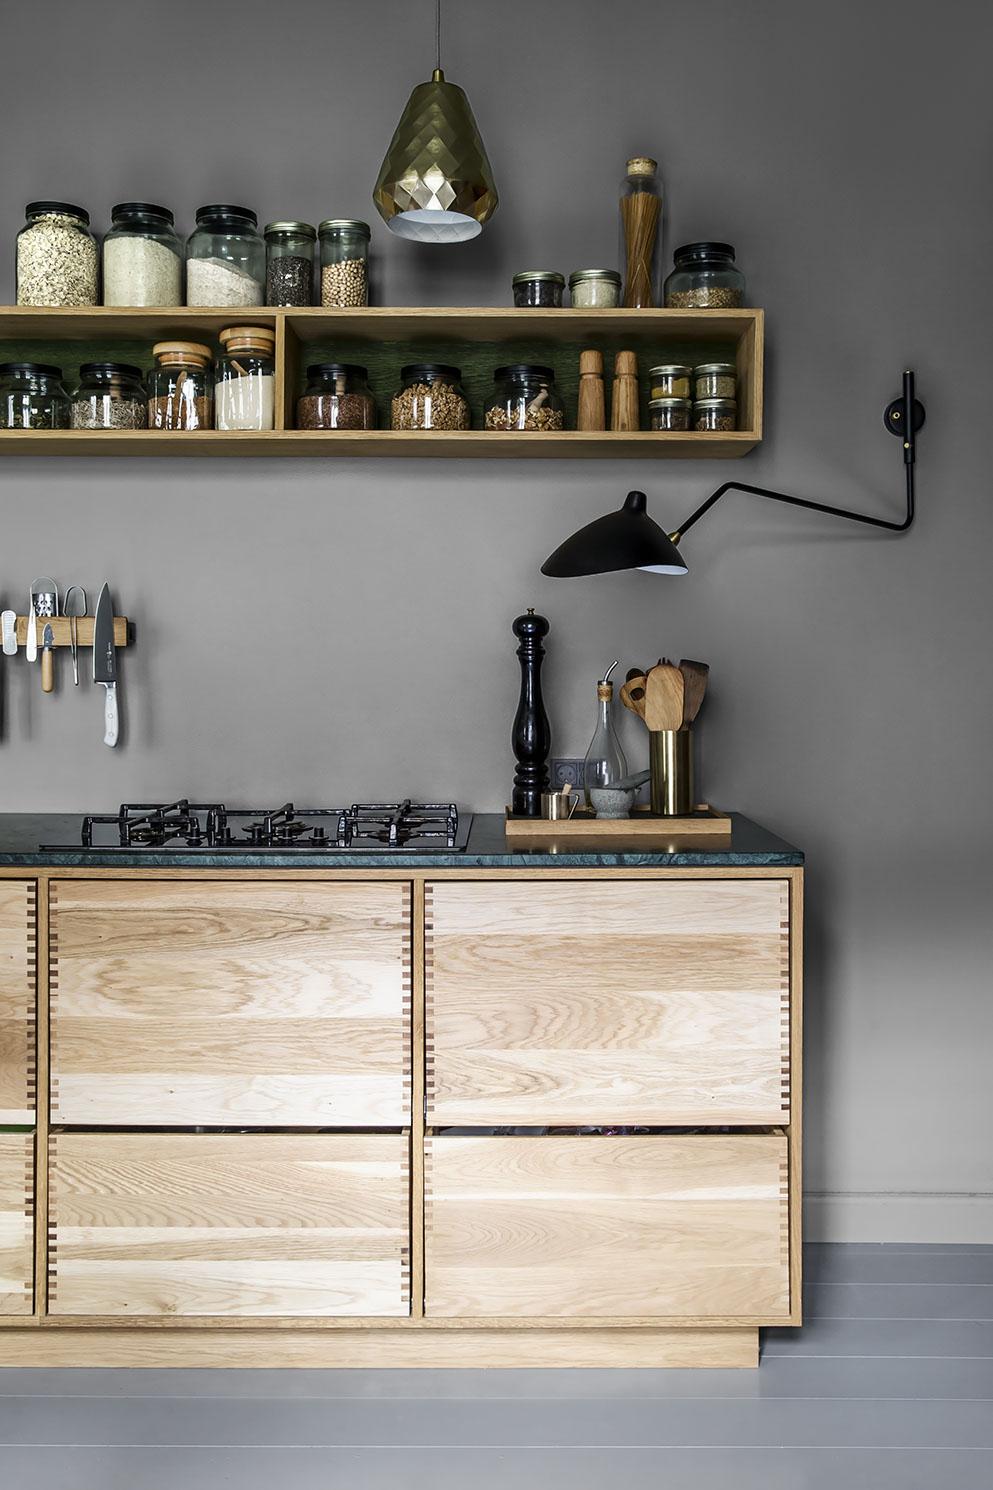 arkitektur + håndværk - indretning | design | ideer | køkken | byggeri